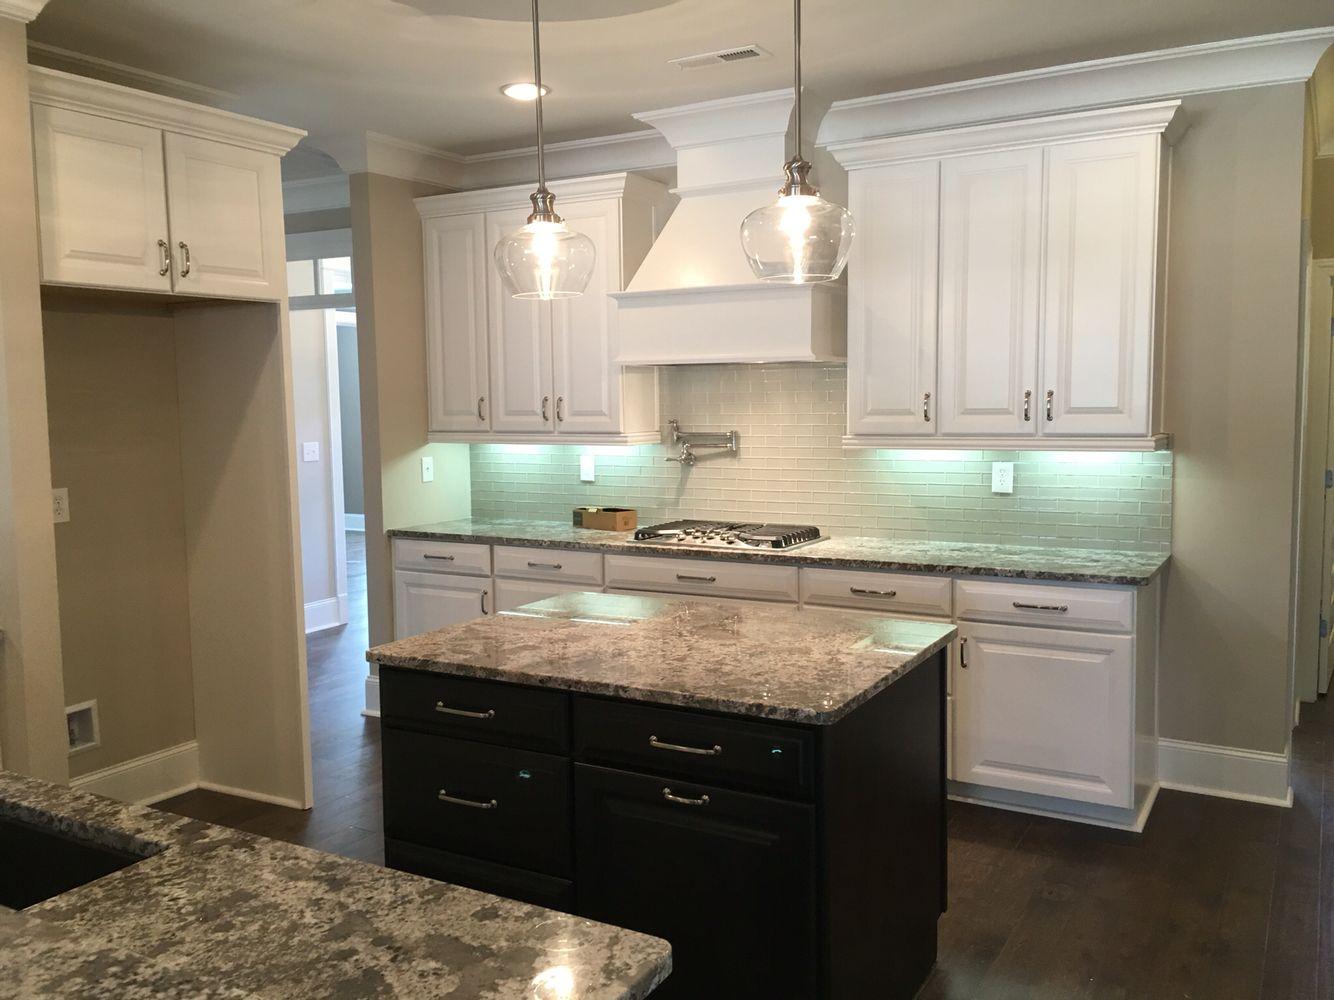 bianco antico granite, espresso island, white wall cabinets, mist